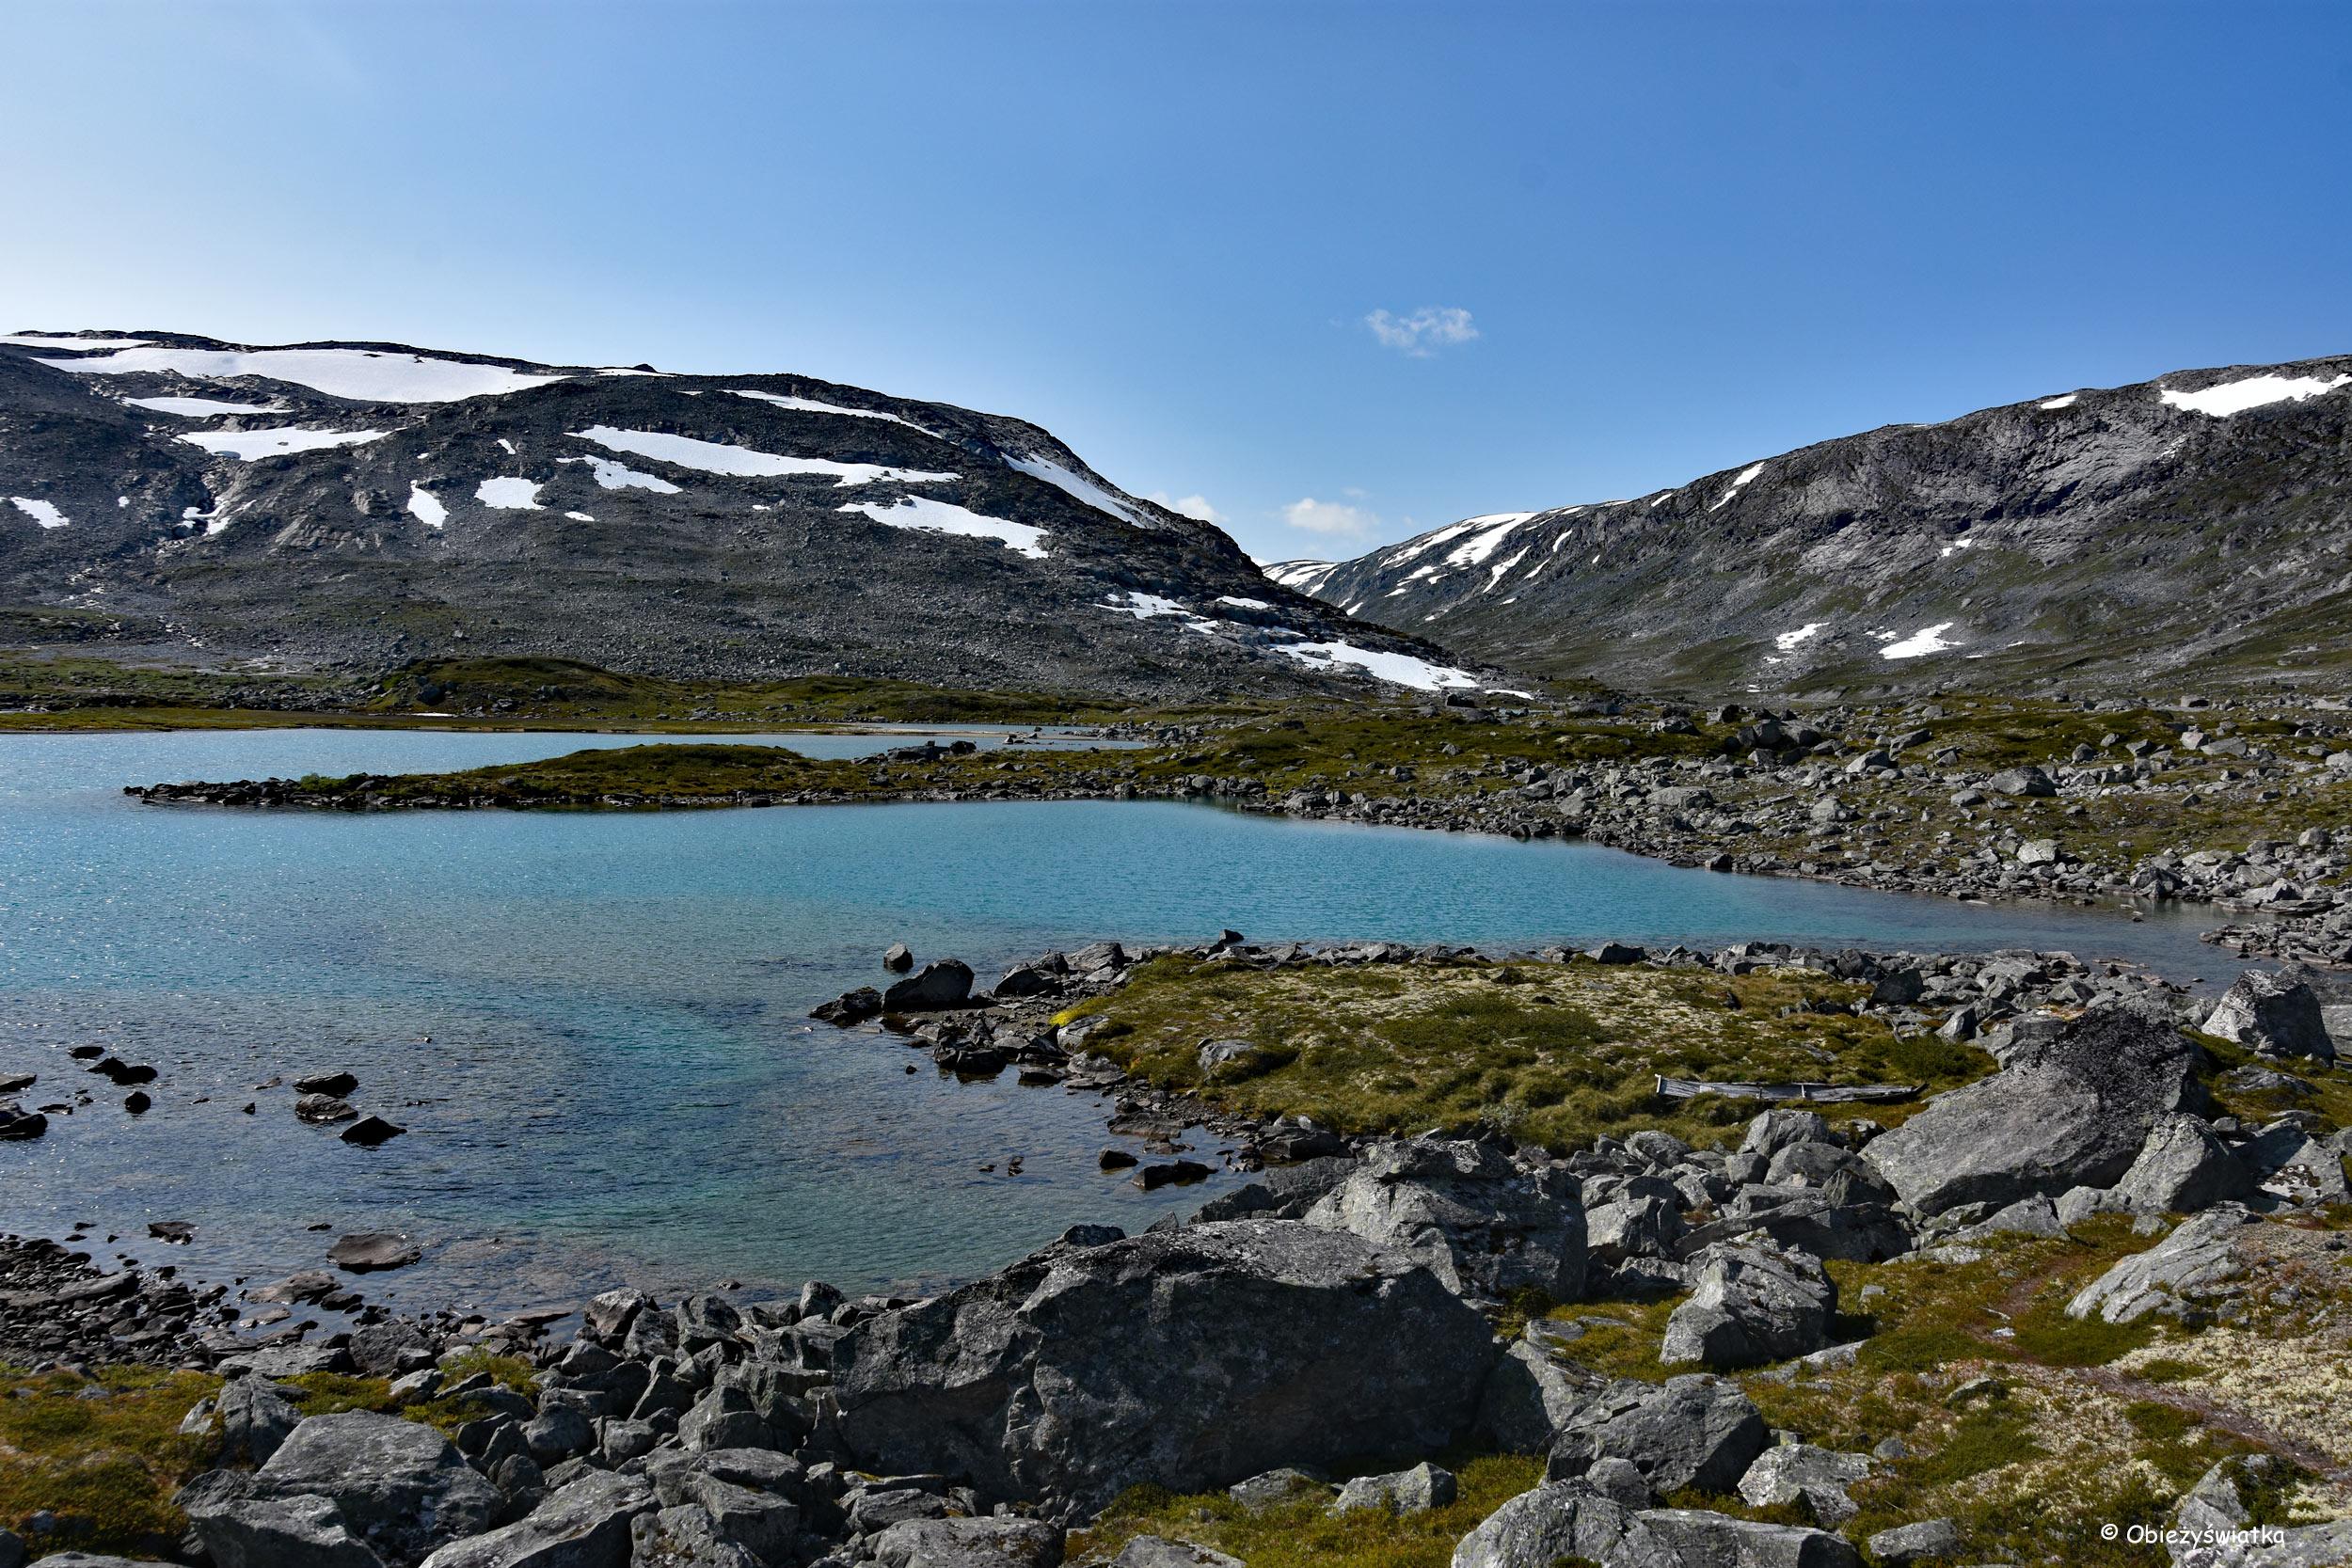 Wędrując po Strynefjell, Norwegia